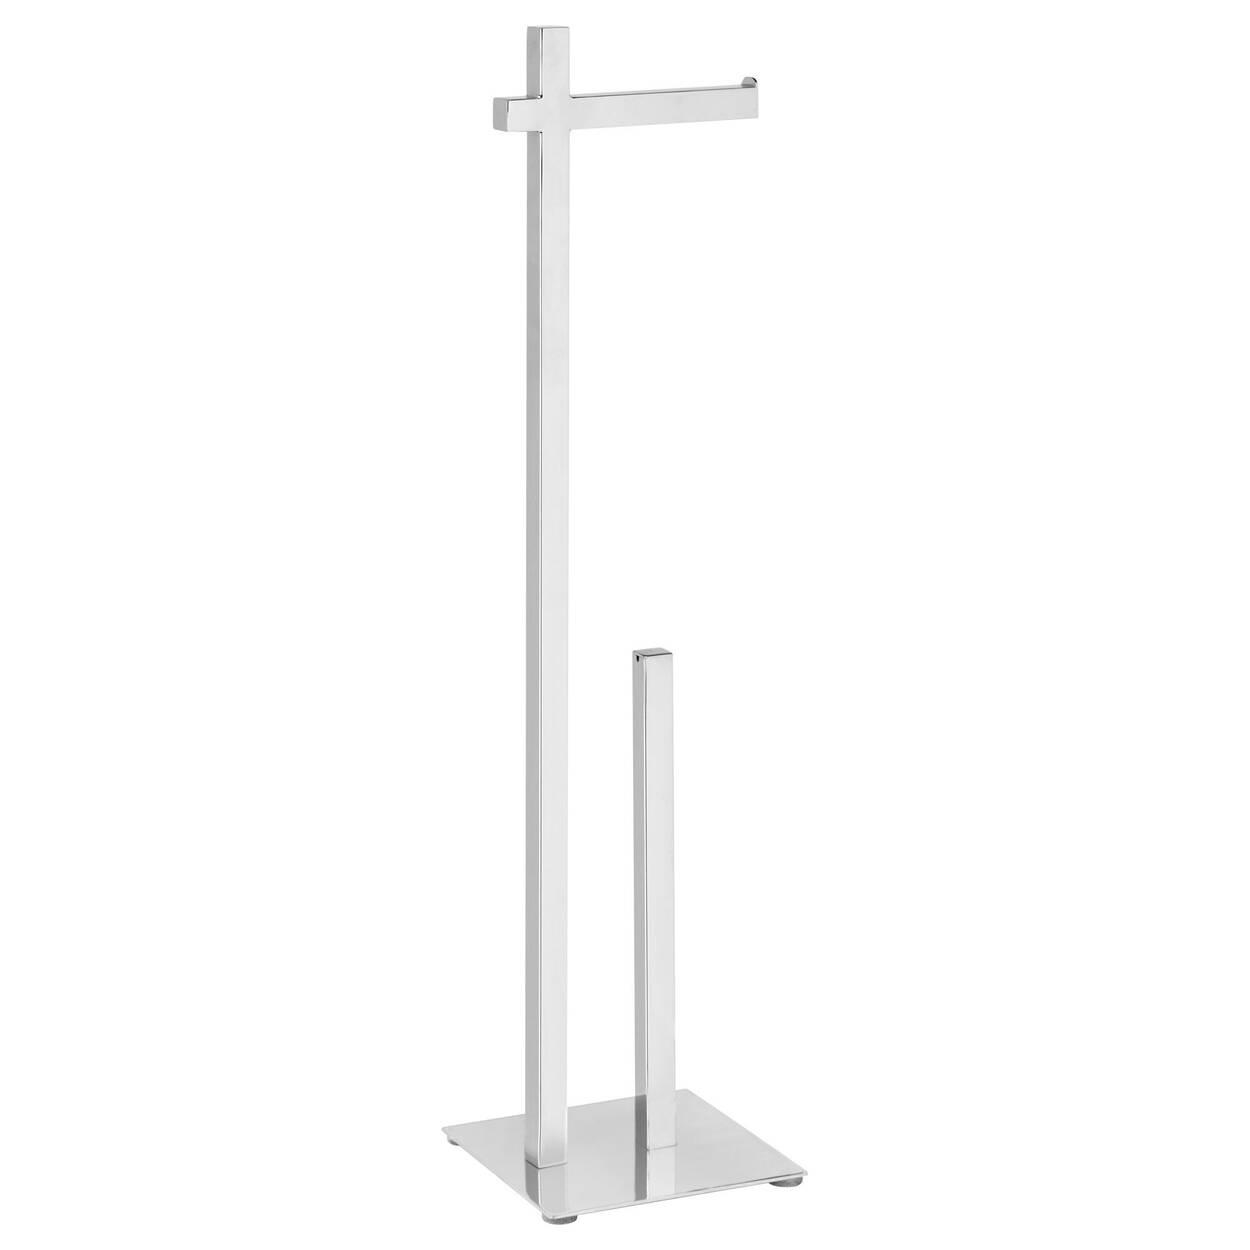 Standing Toilet Paper Holder